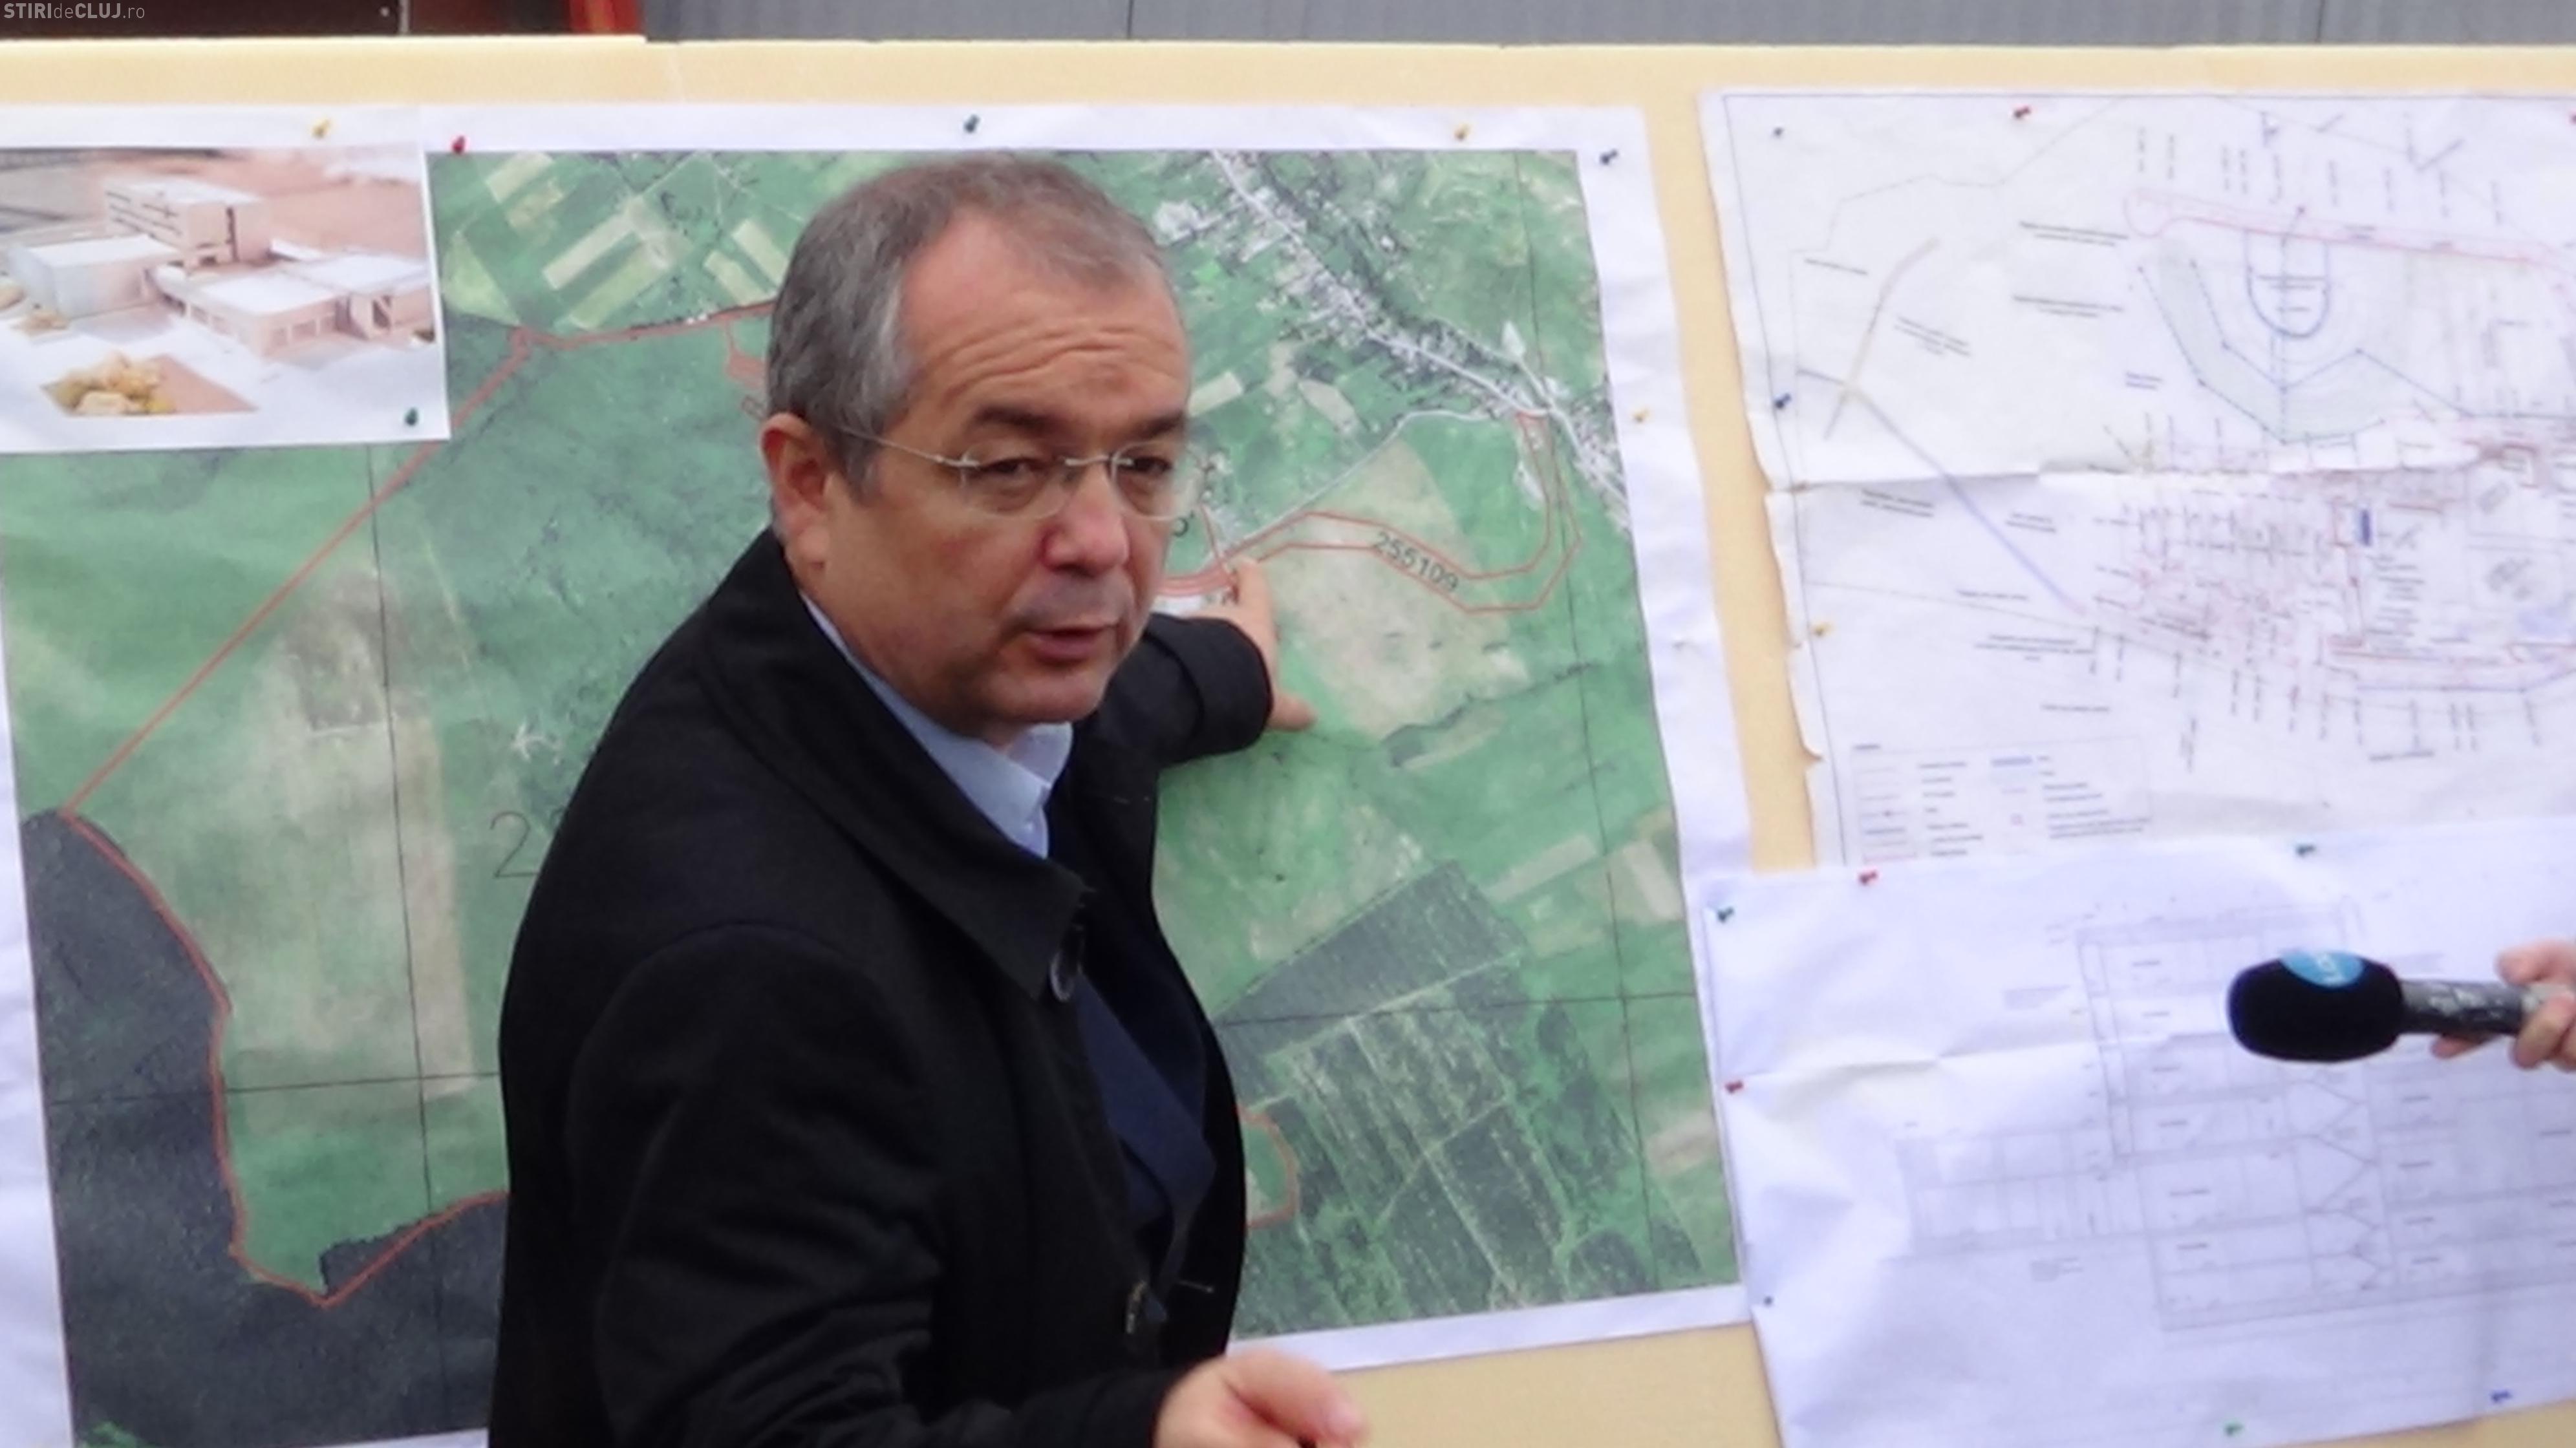 Zona Lomb - locul unde va crește noul Cluj. Boc: Vorbim de 100.000 de locuitori și 20.000 de locuri de muncă - VIDEO